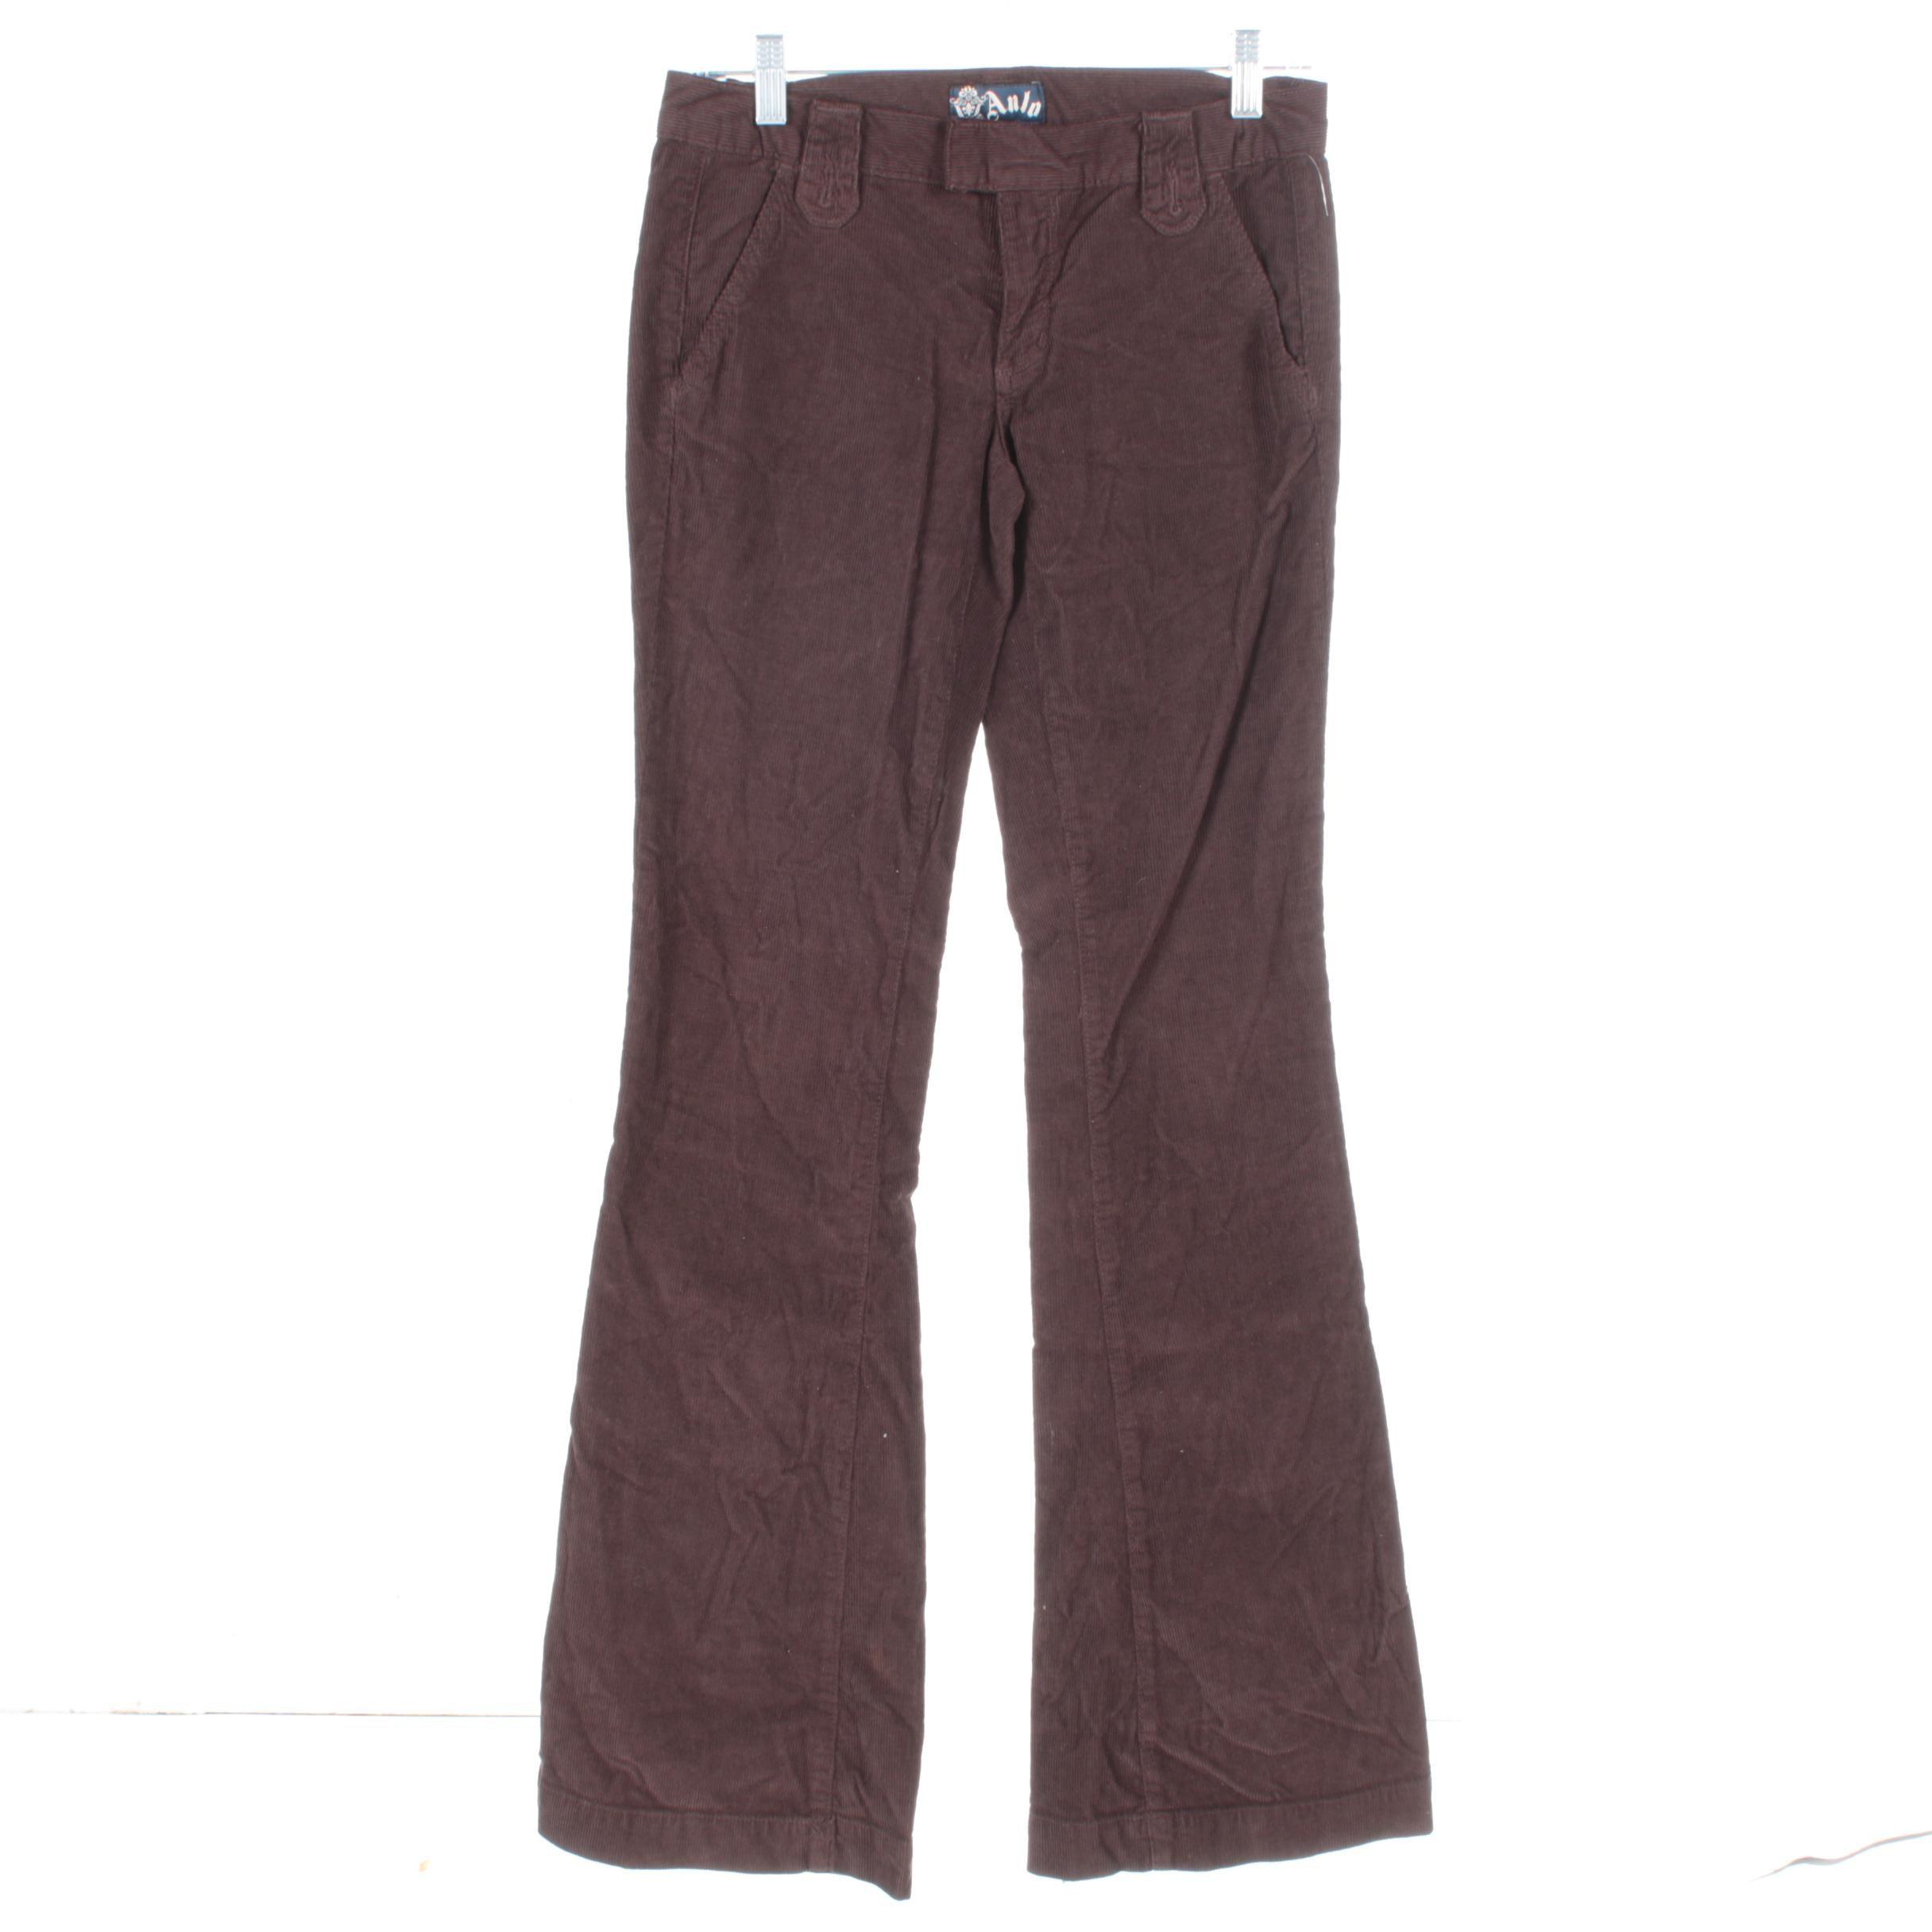 Women's Anlo Brown Corduroy Boot Cut Pants